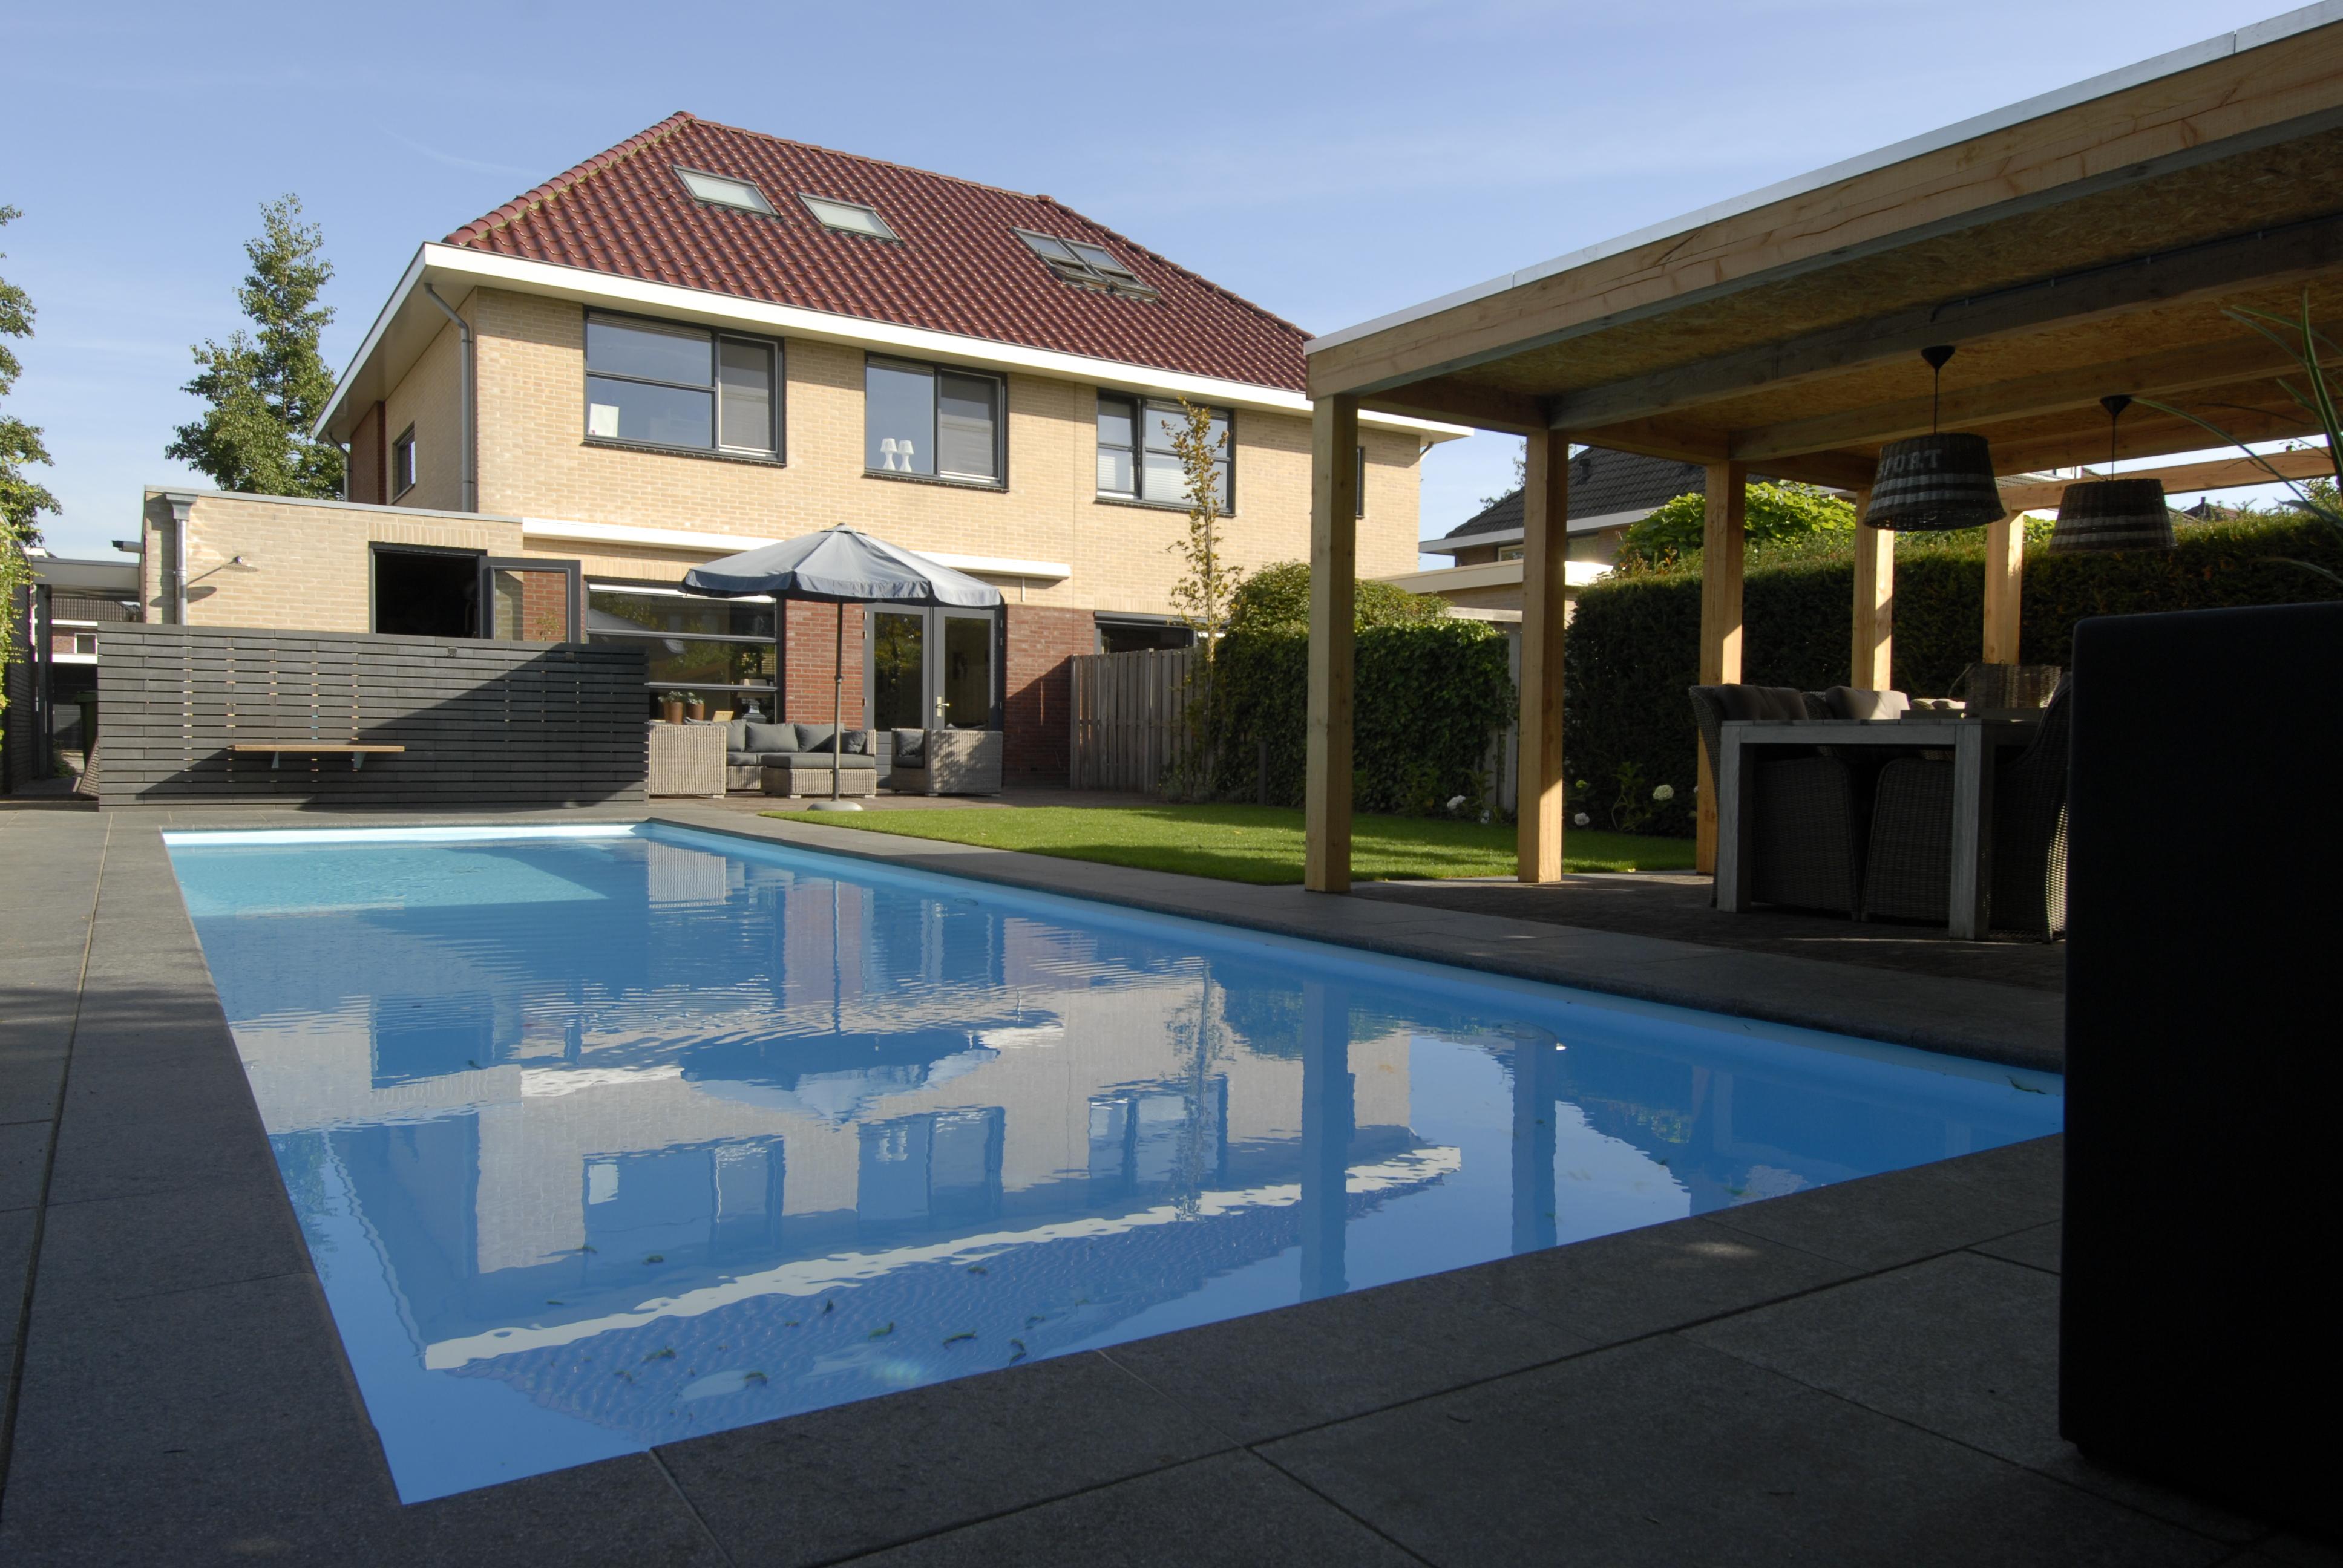 zwembad aanleggen tuin